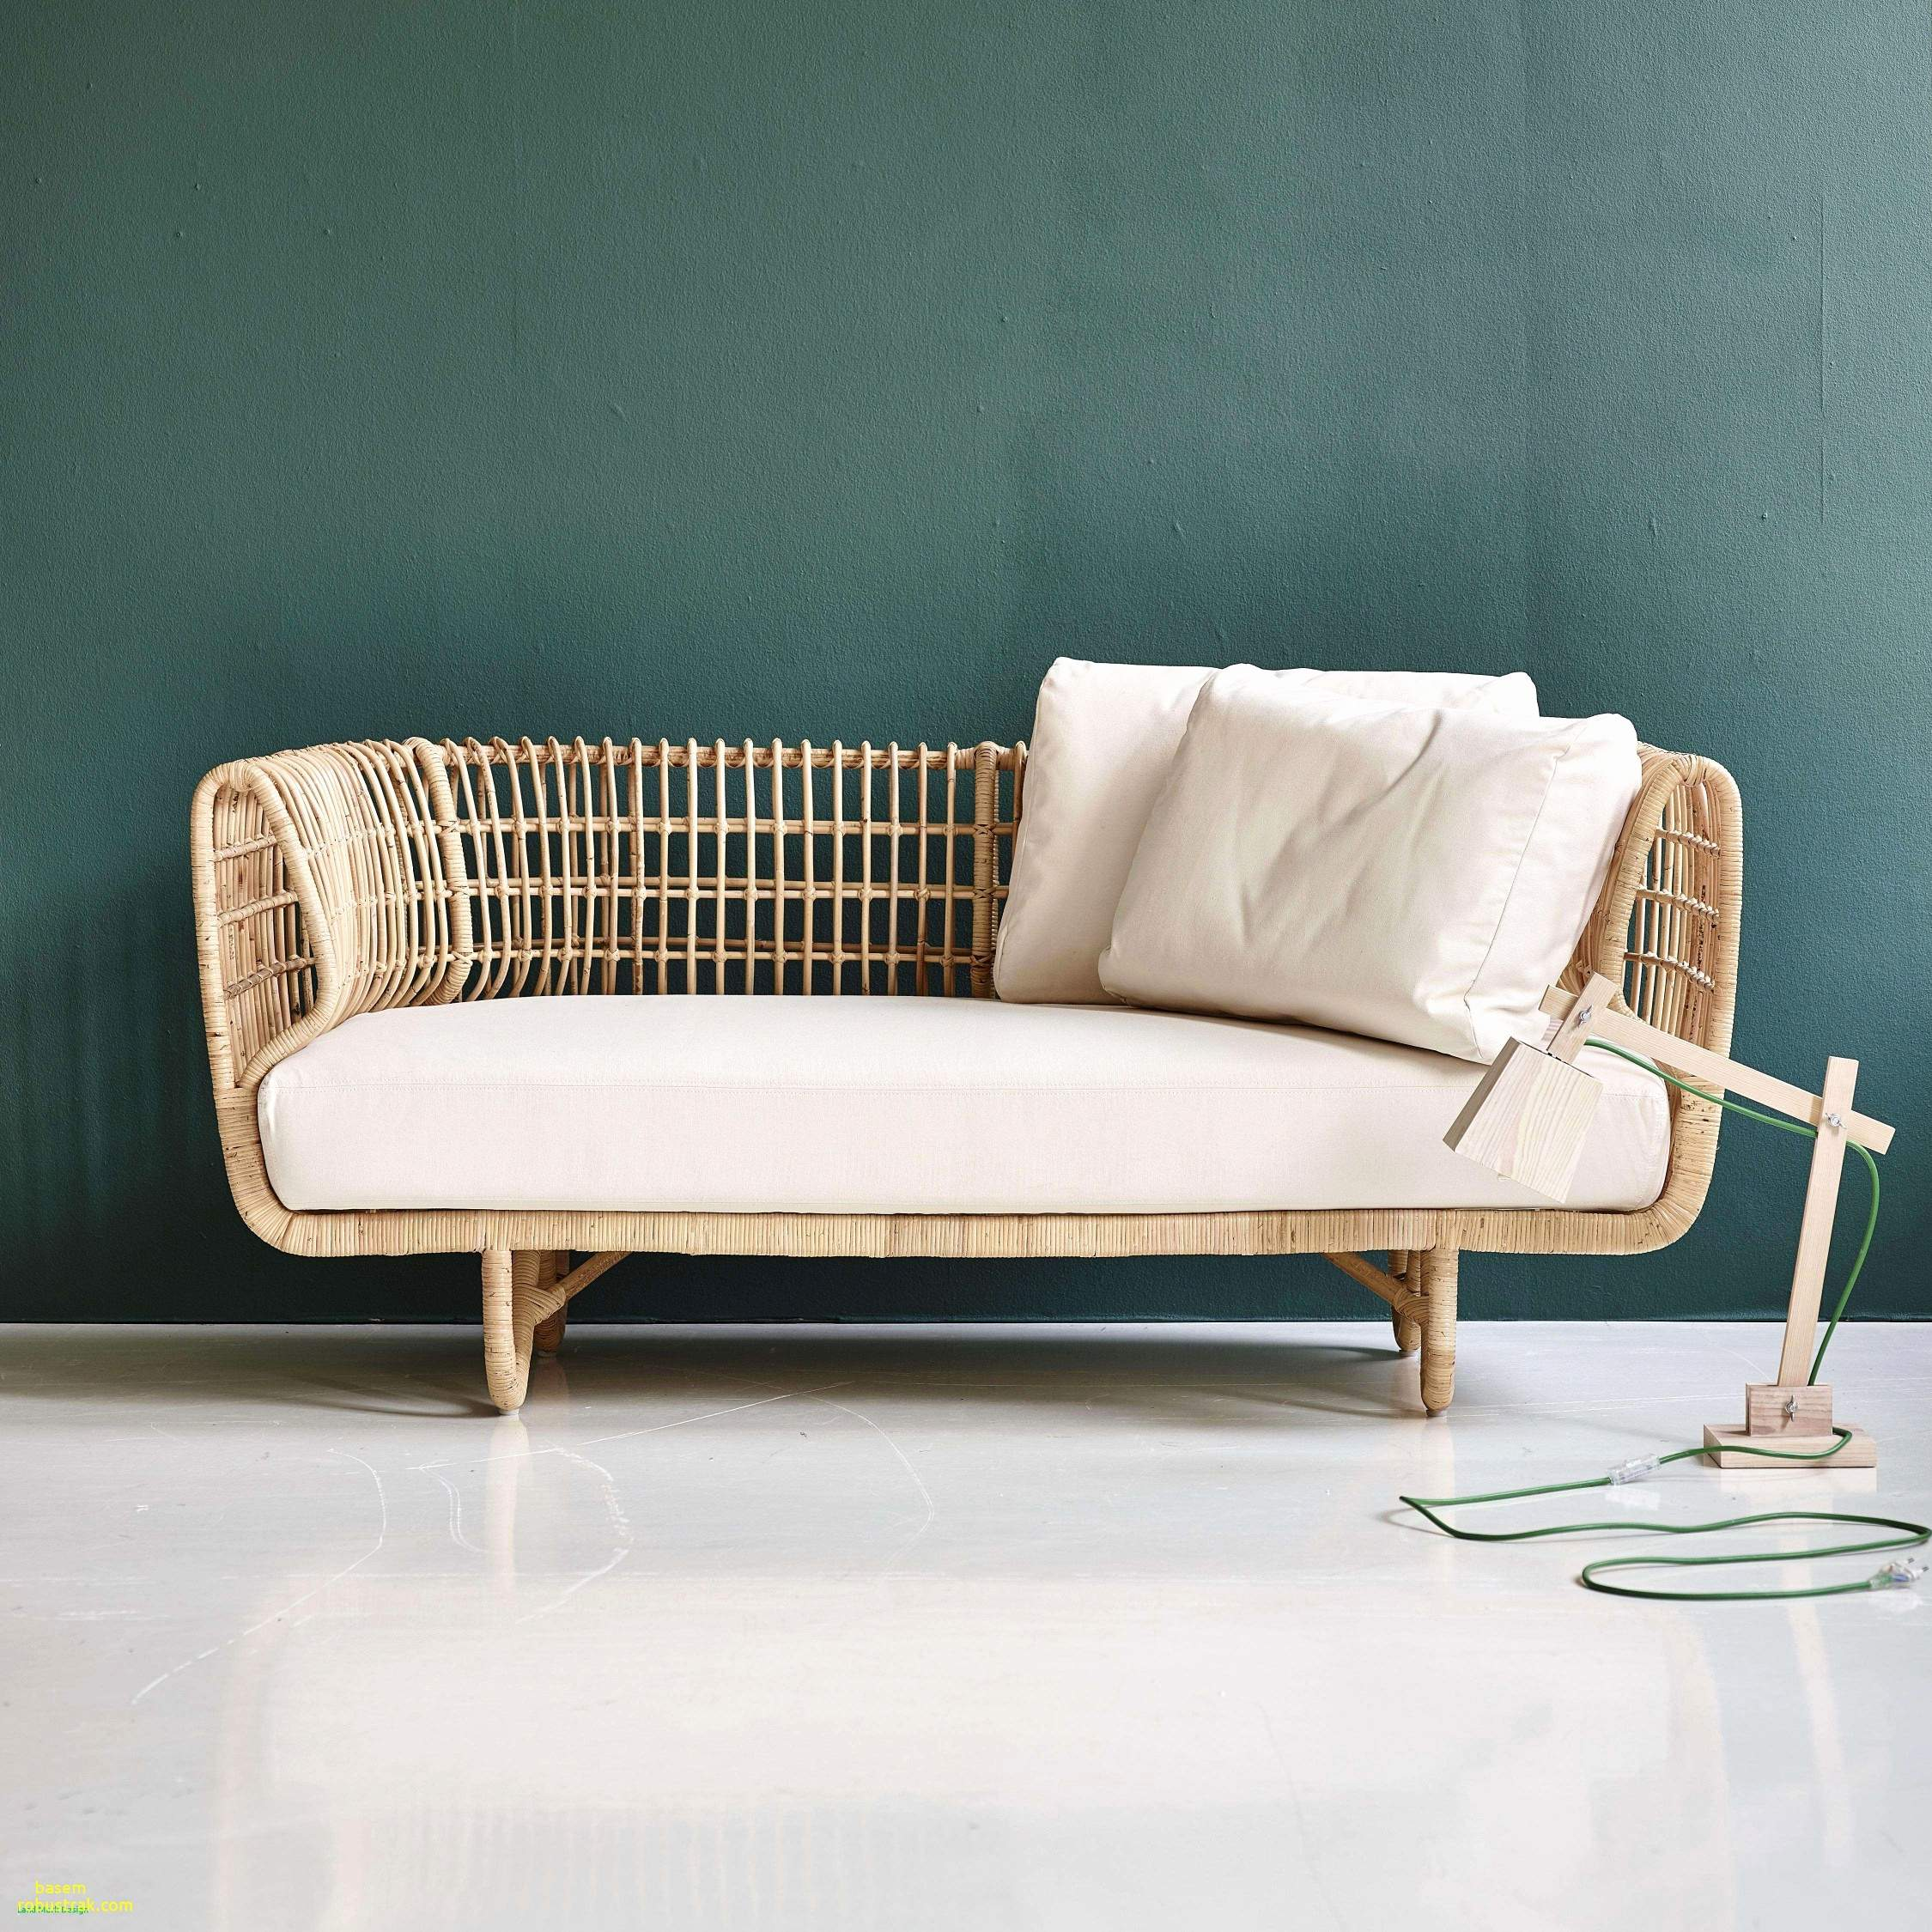 joop decke grau luxus couch rund luxus hay sofa bild von hay sofa unique hay couch 0d of joop decke grau